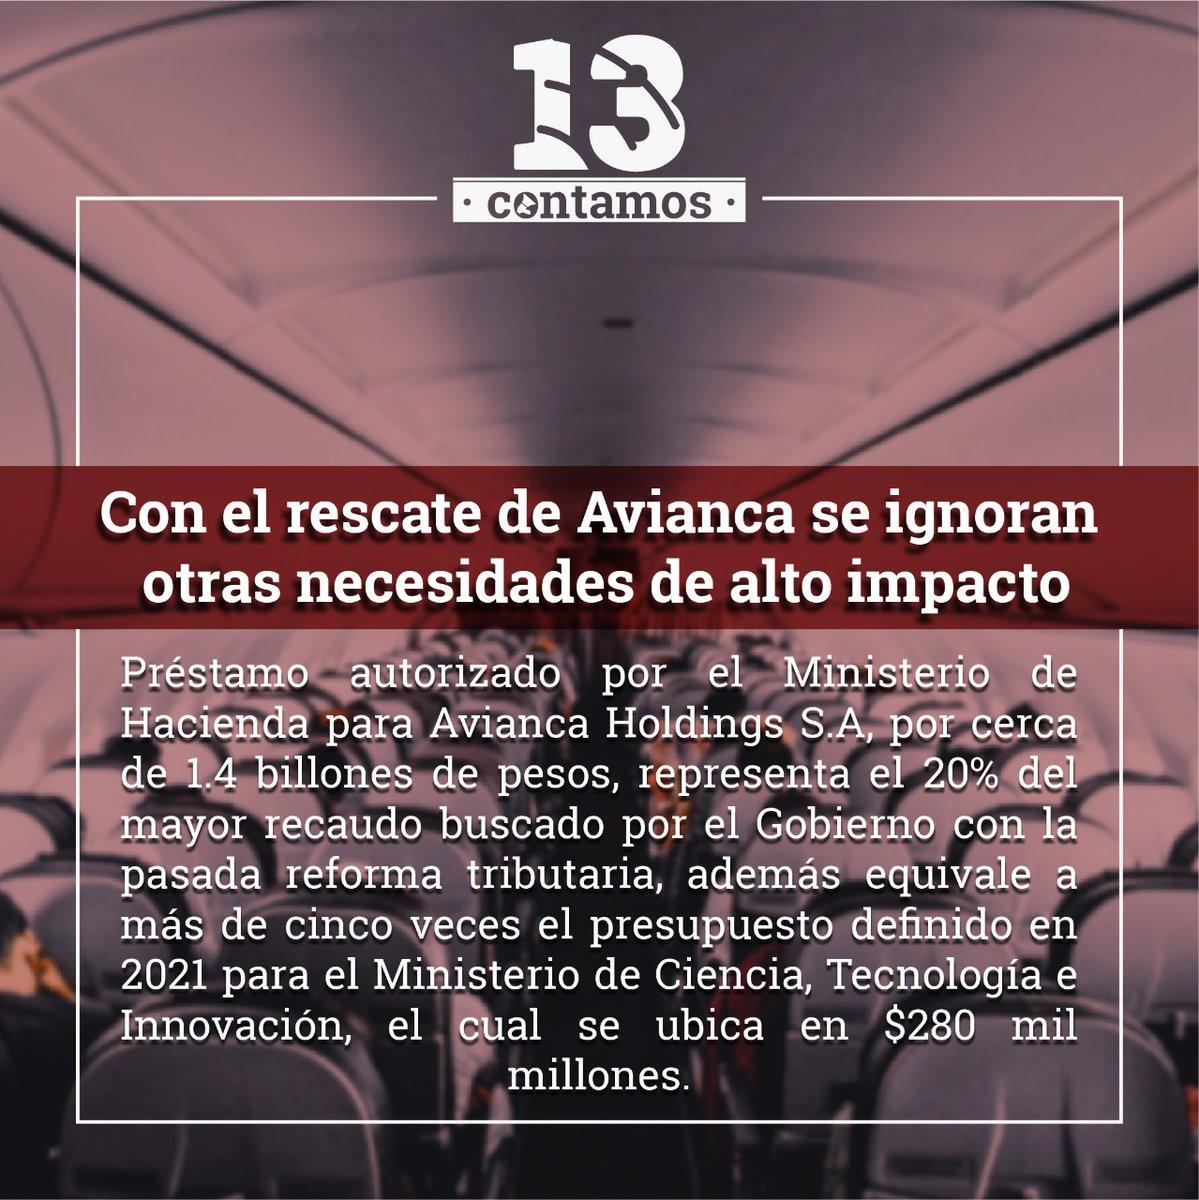 📝 #13Contamos | Profes de #ContaduríaUdeA analizaron la reciente decisión del gobierno, en medio de la crisis económica producto del #Covid_19.  📌 ¡Lee la nota!:  https://t.co/ftMcUOHQgp https://t.co/sBfzeS2BjU